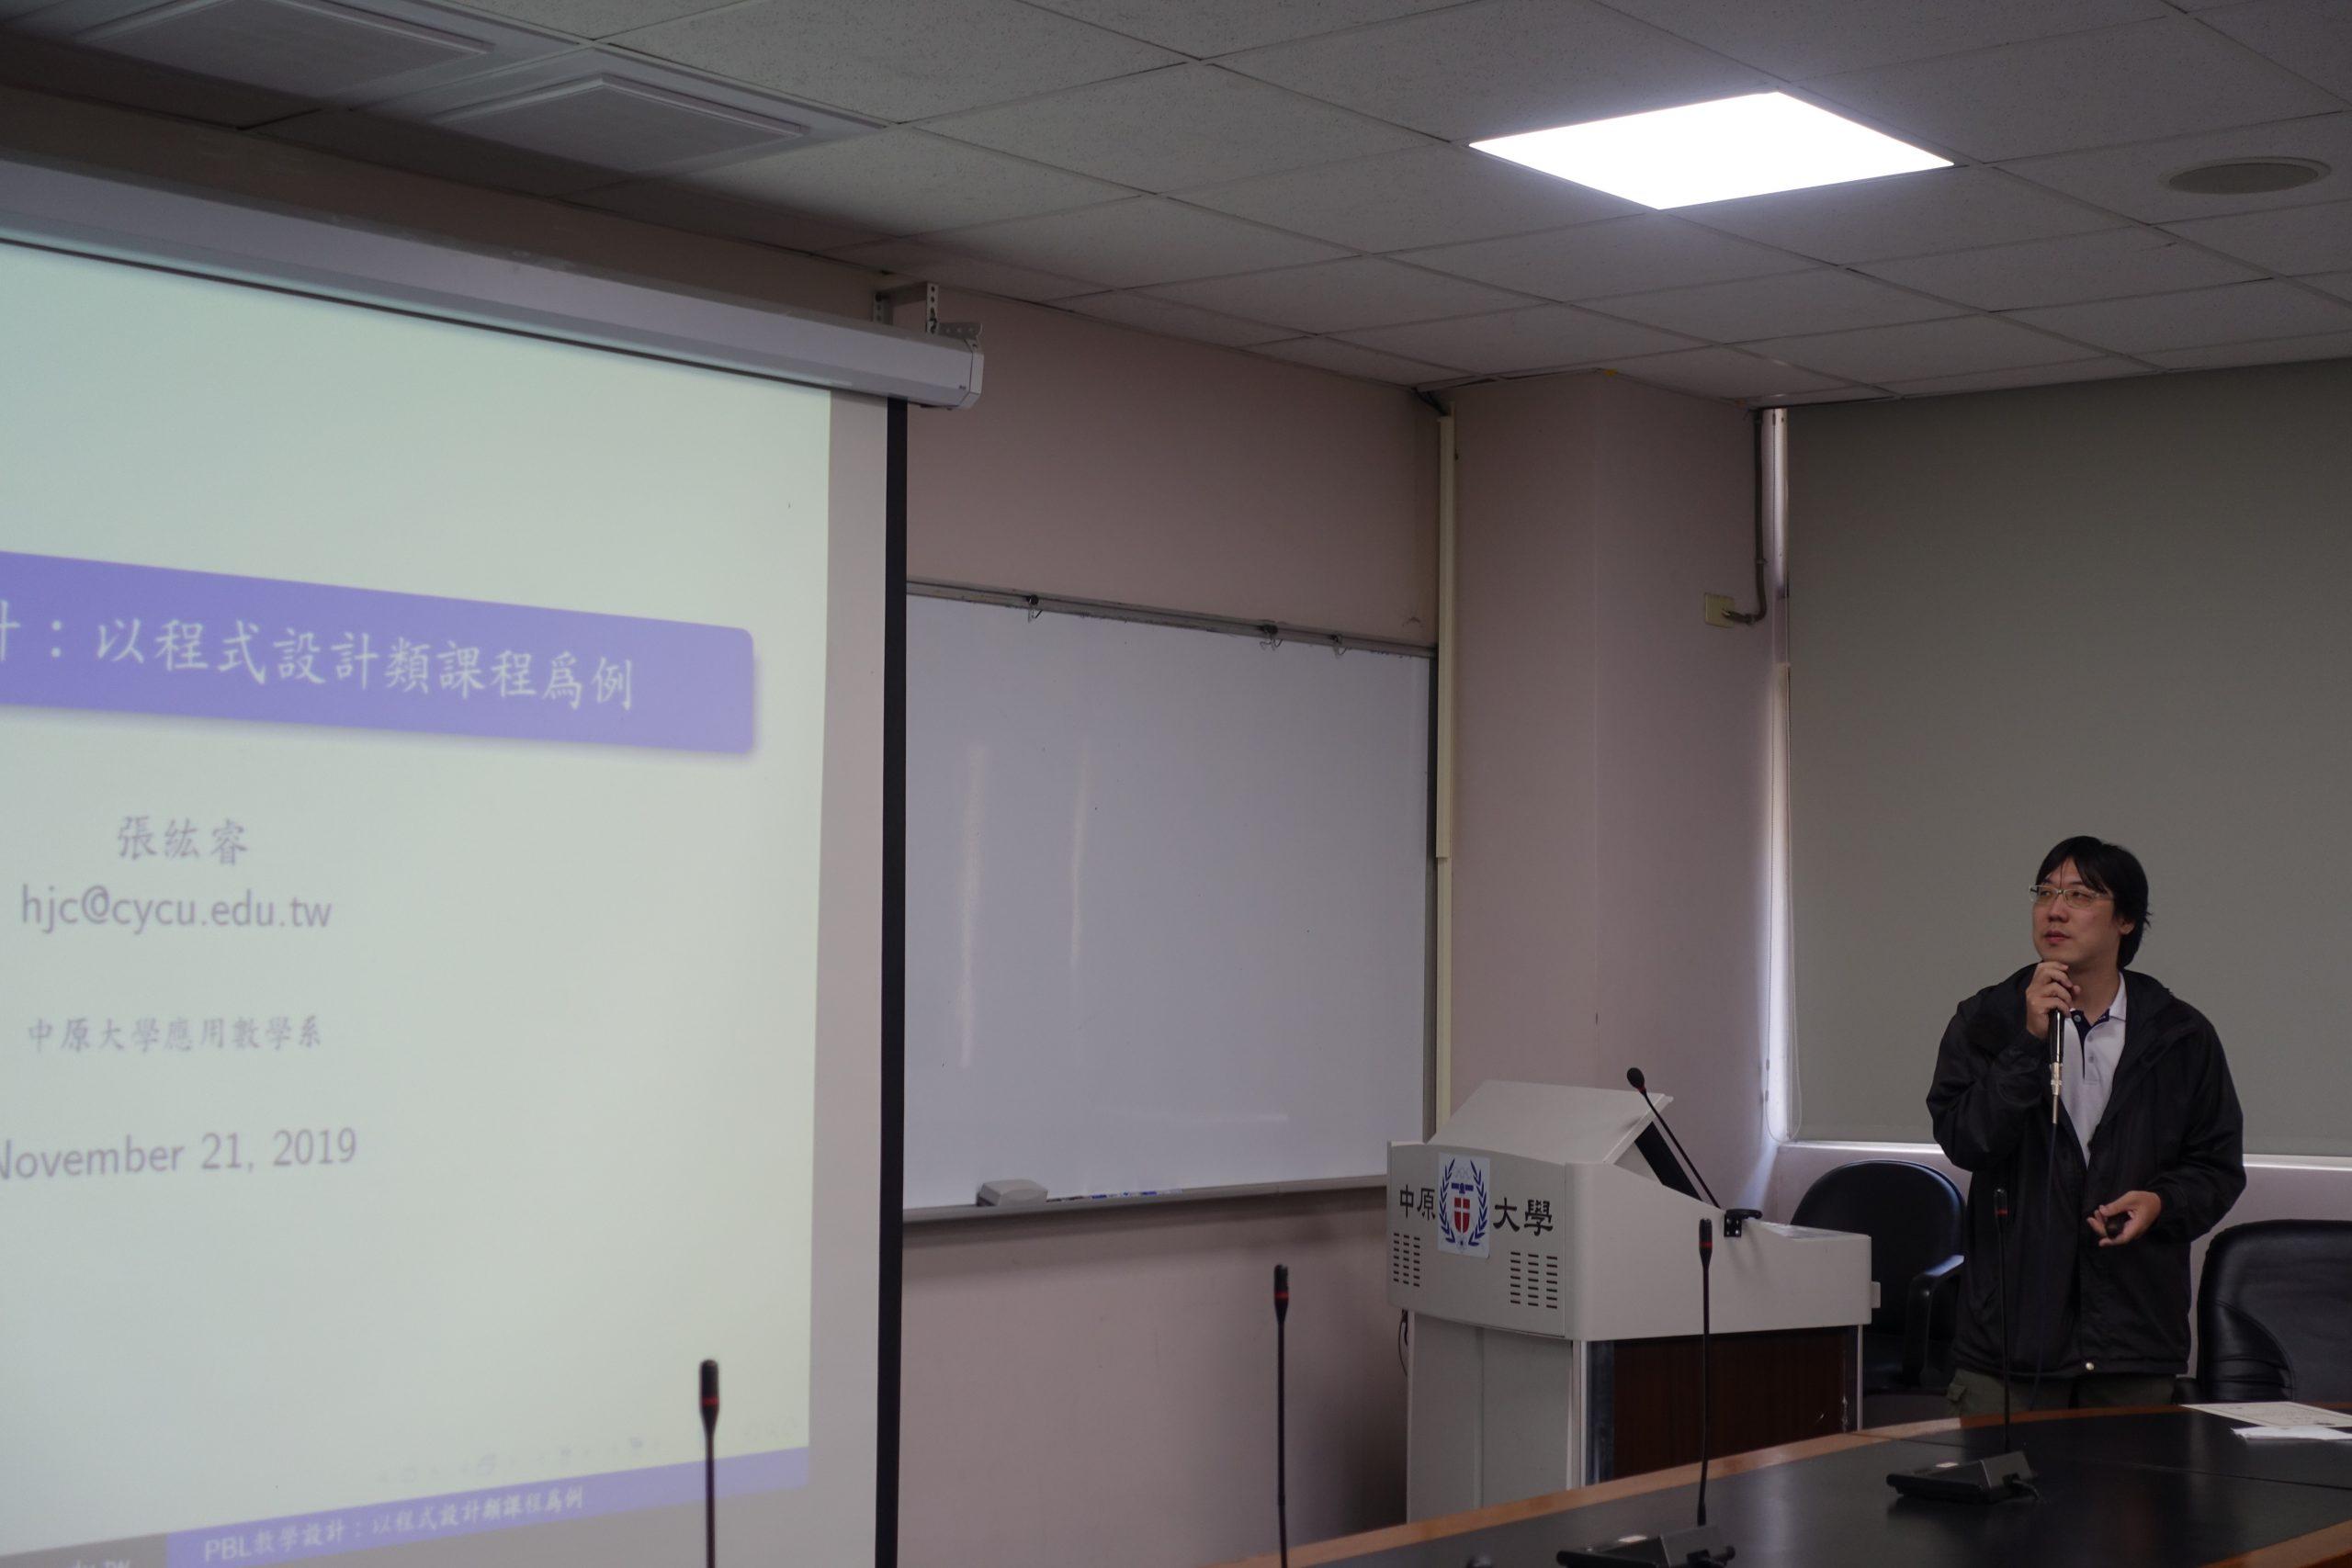 PBL教學創新工作坊主講人-張紘睿老師